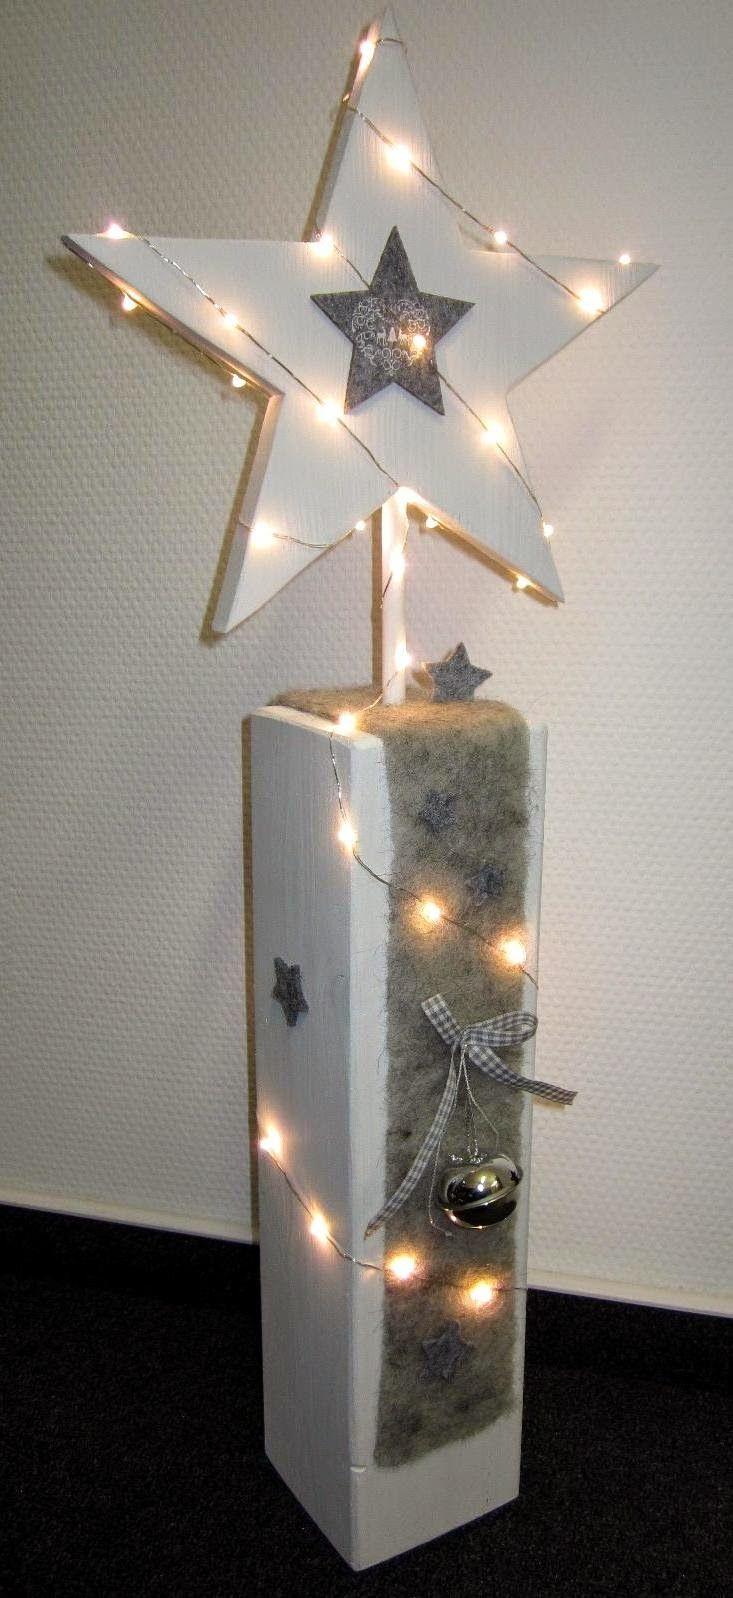 die besten 25 weihnachtsdeko aus holz ideen auf pinterest weihnachtsdeko aus holz basteln. Black Bedroom Furniture Sets. Home Design Ideas